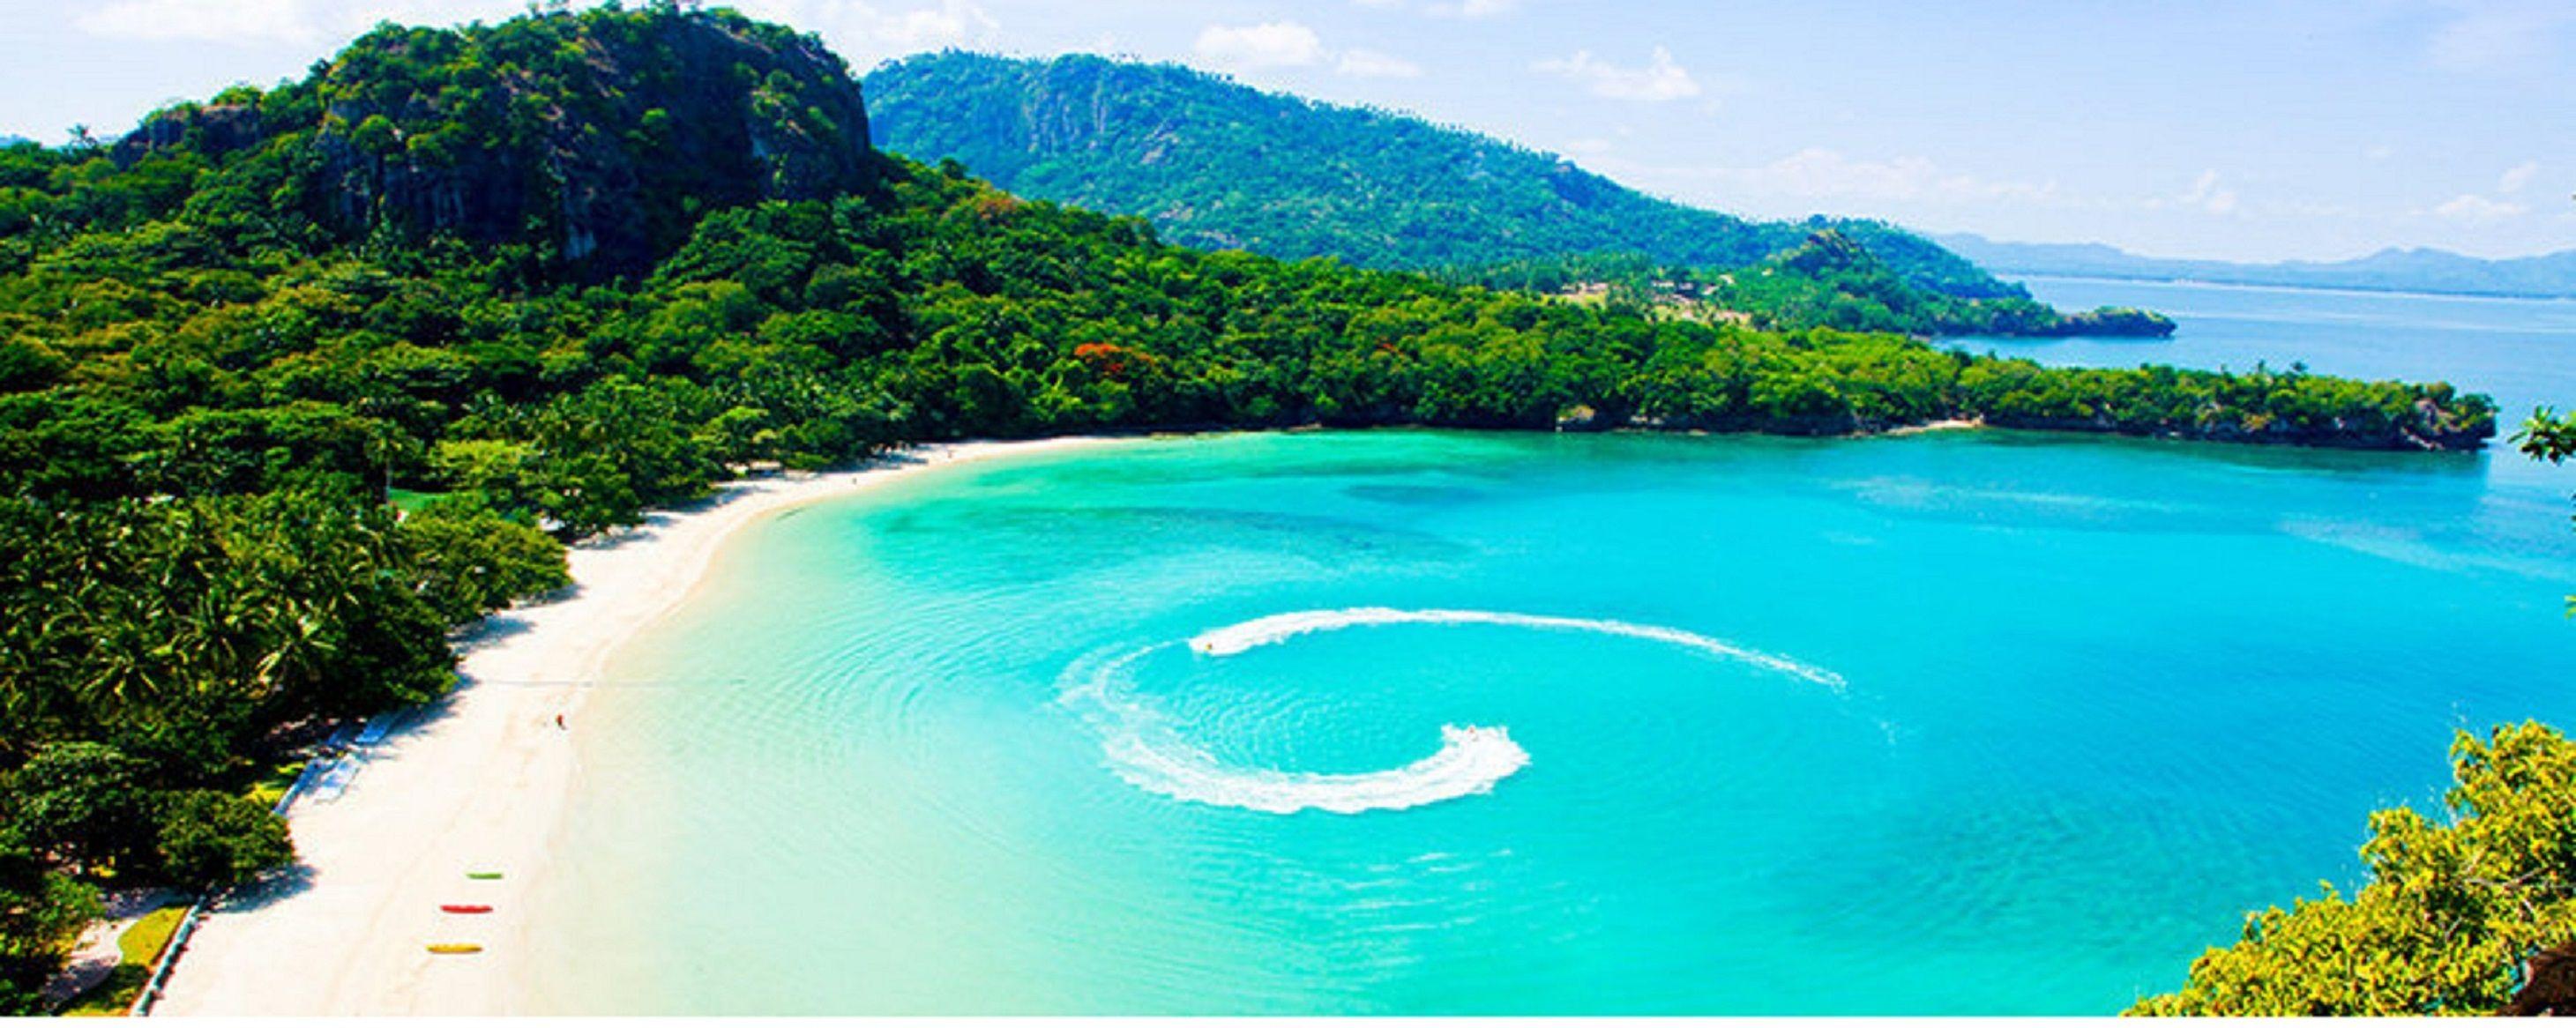 Dakak, Zamboanga | Only in the Philippines | Beach resorts ...